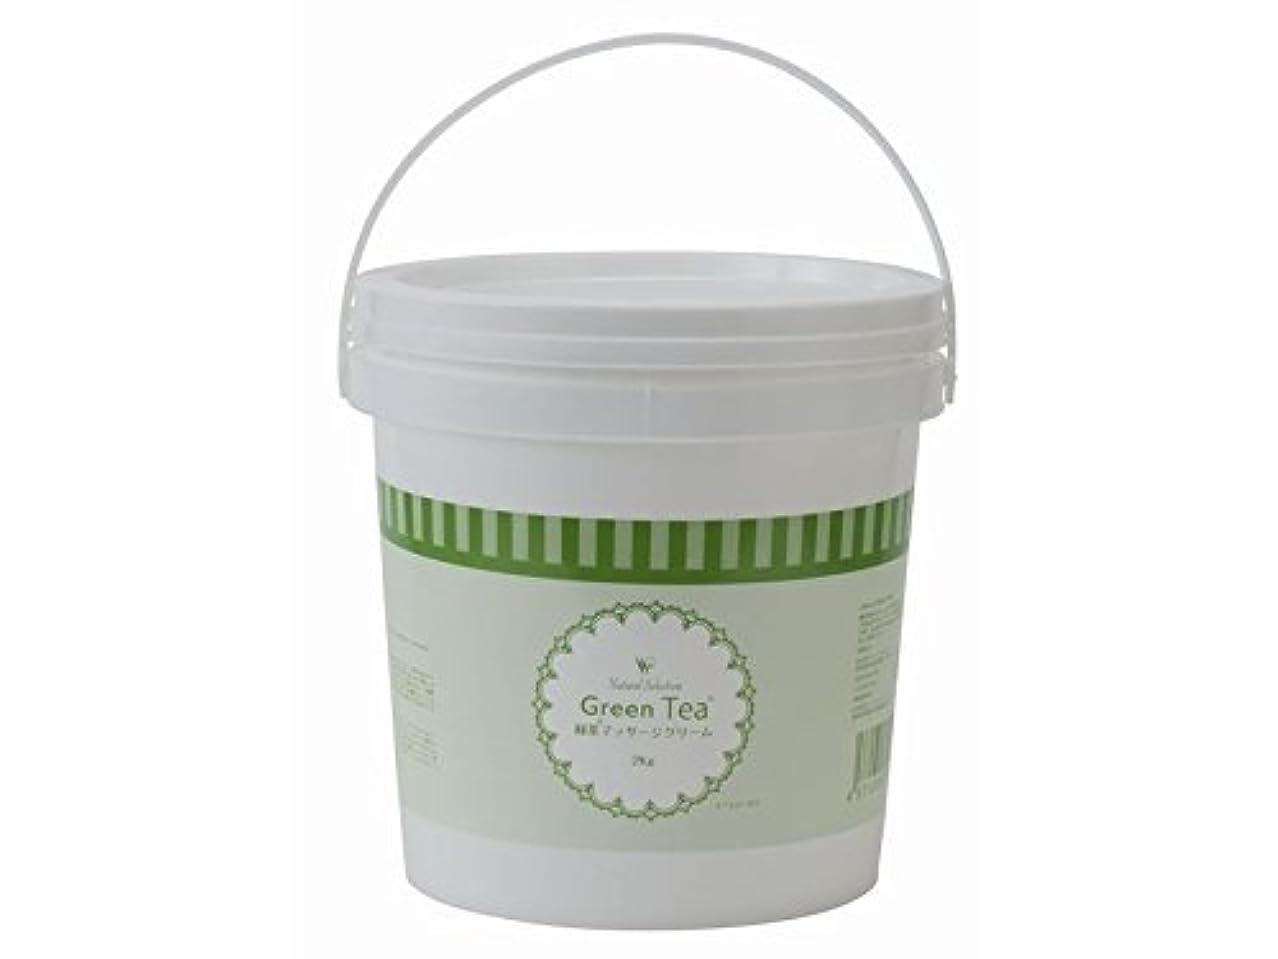 リダクター膨張する高さ緑茶マッサージクリーム 業務用(2kg)【フットマッサージ】足もみクリーム